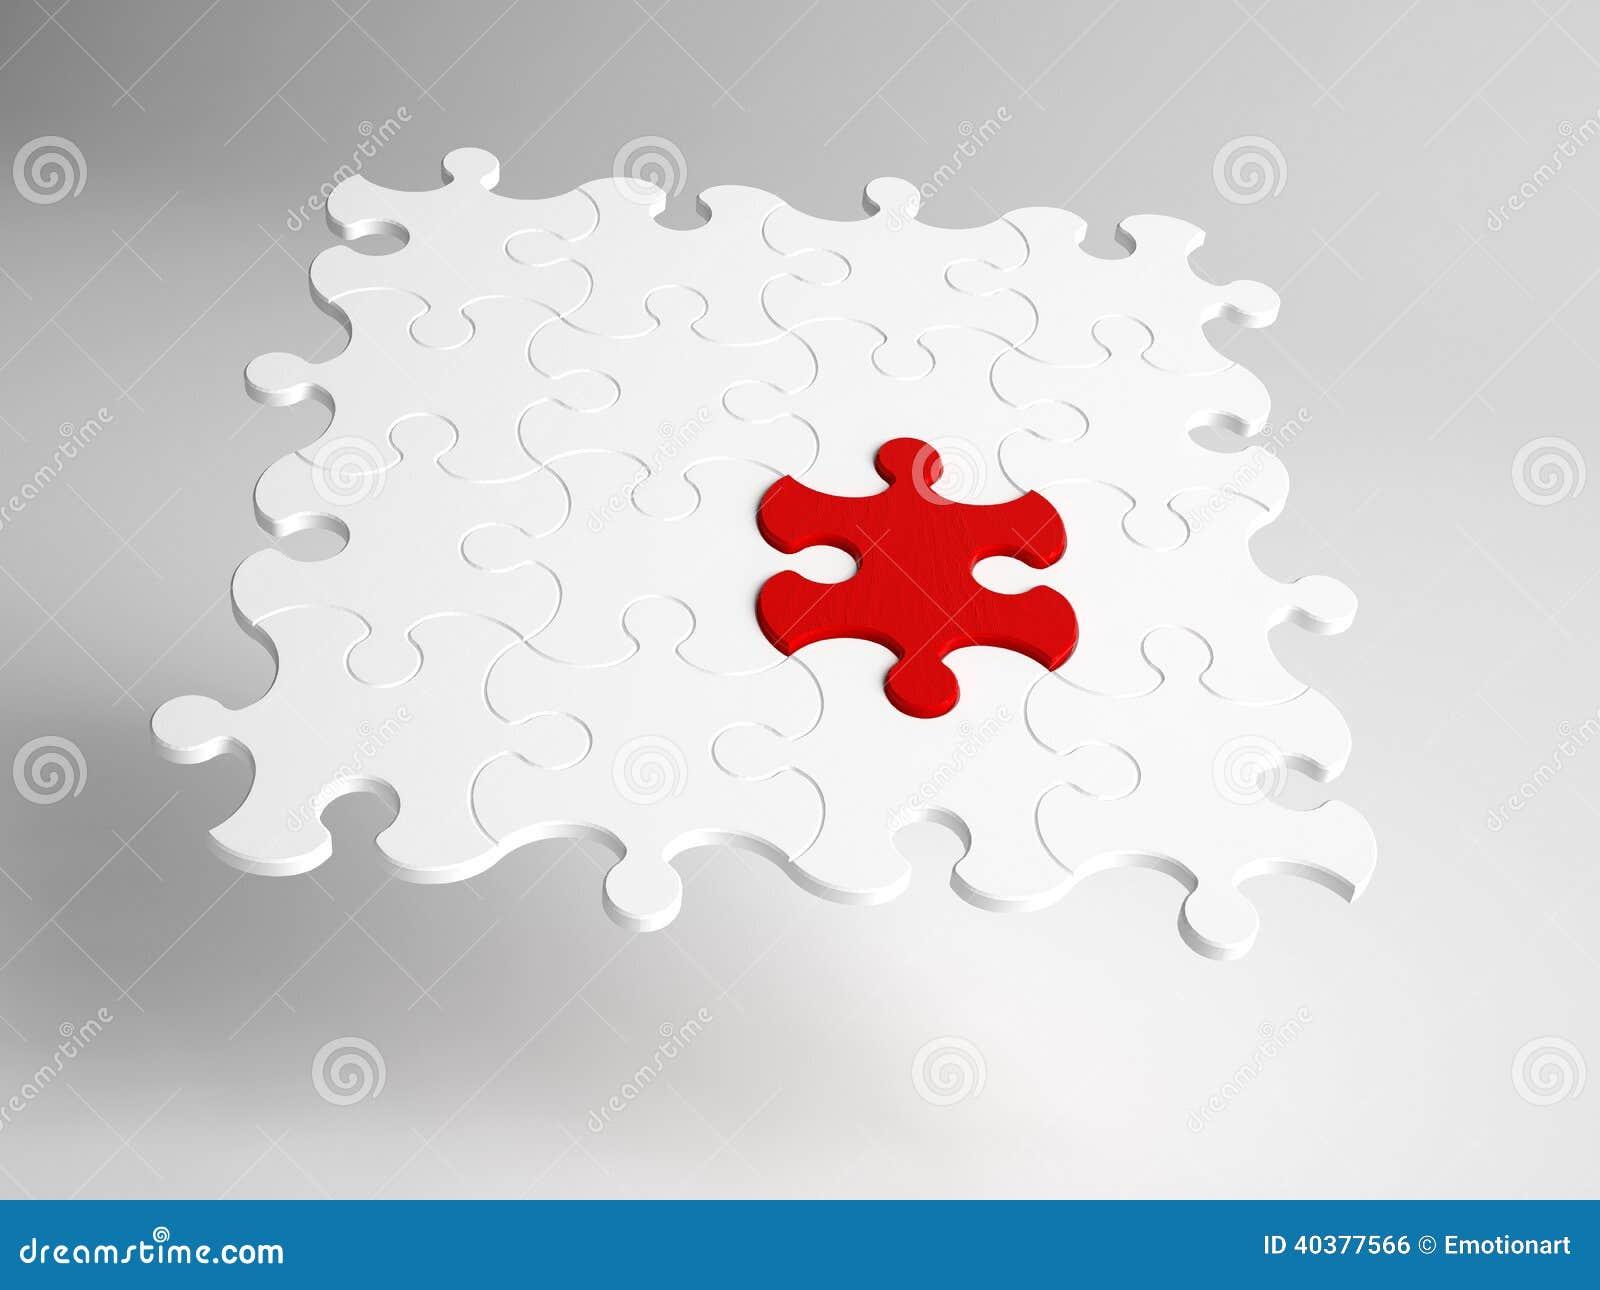 Begriffsnahaufnahme des abstrakten Puzzlen